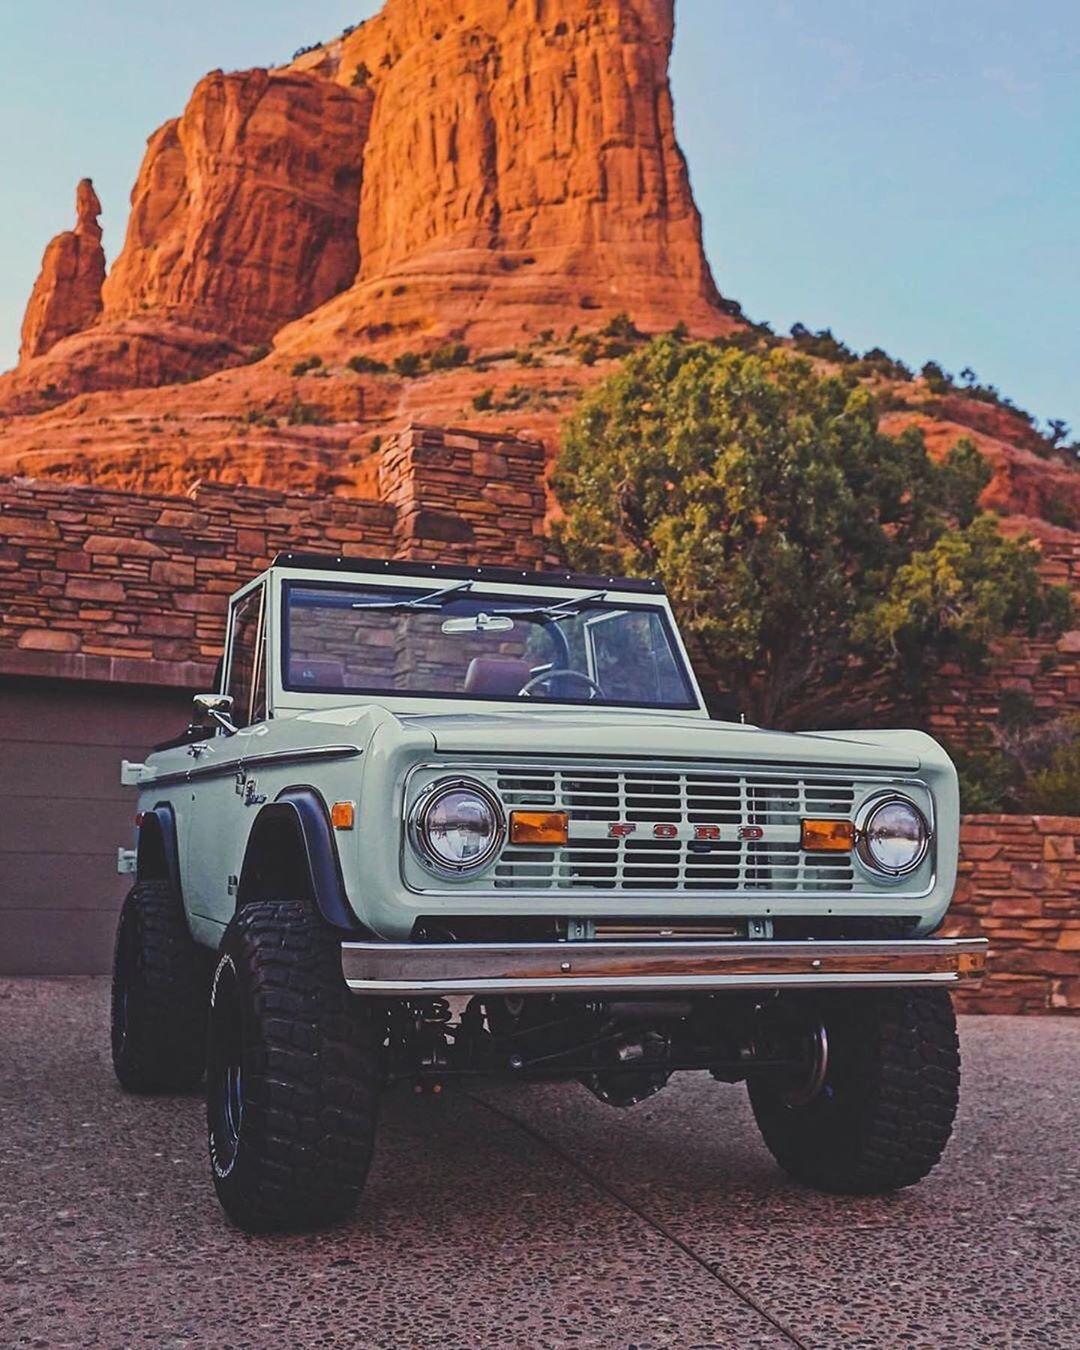 Mint Green Ford Bronco Trucks Redrock Utah Mtruck Utah